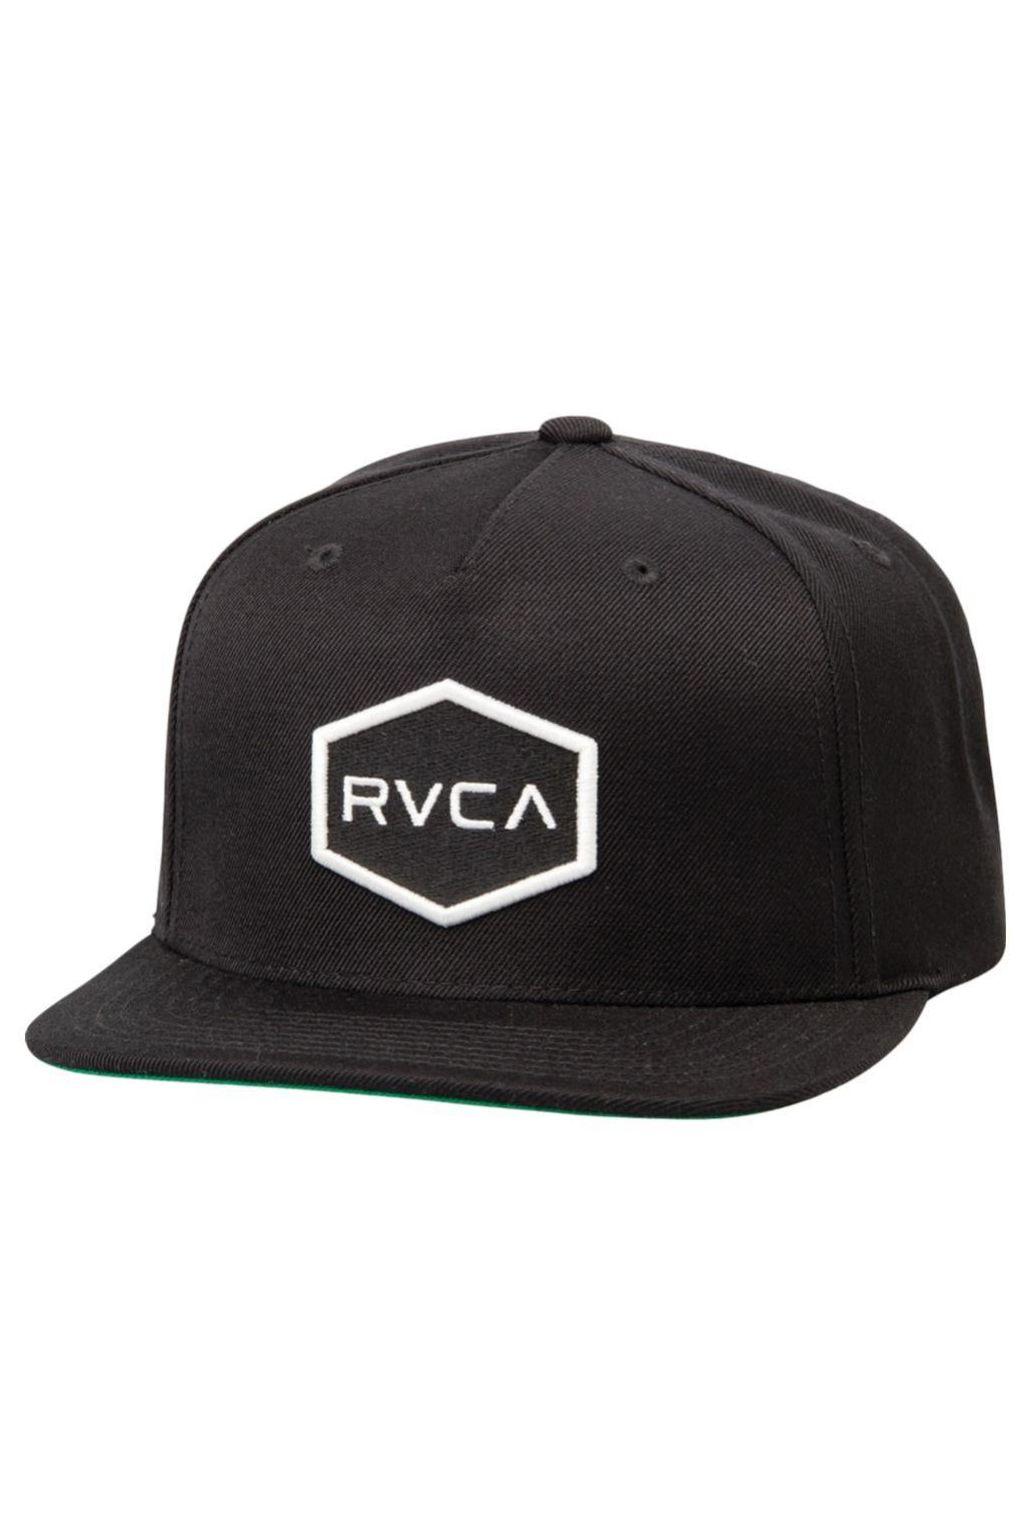 RVCA Cap   COMMONWEALTH SNAPBACK Black/White